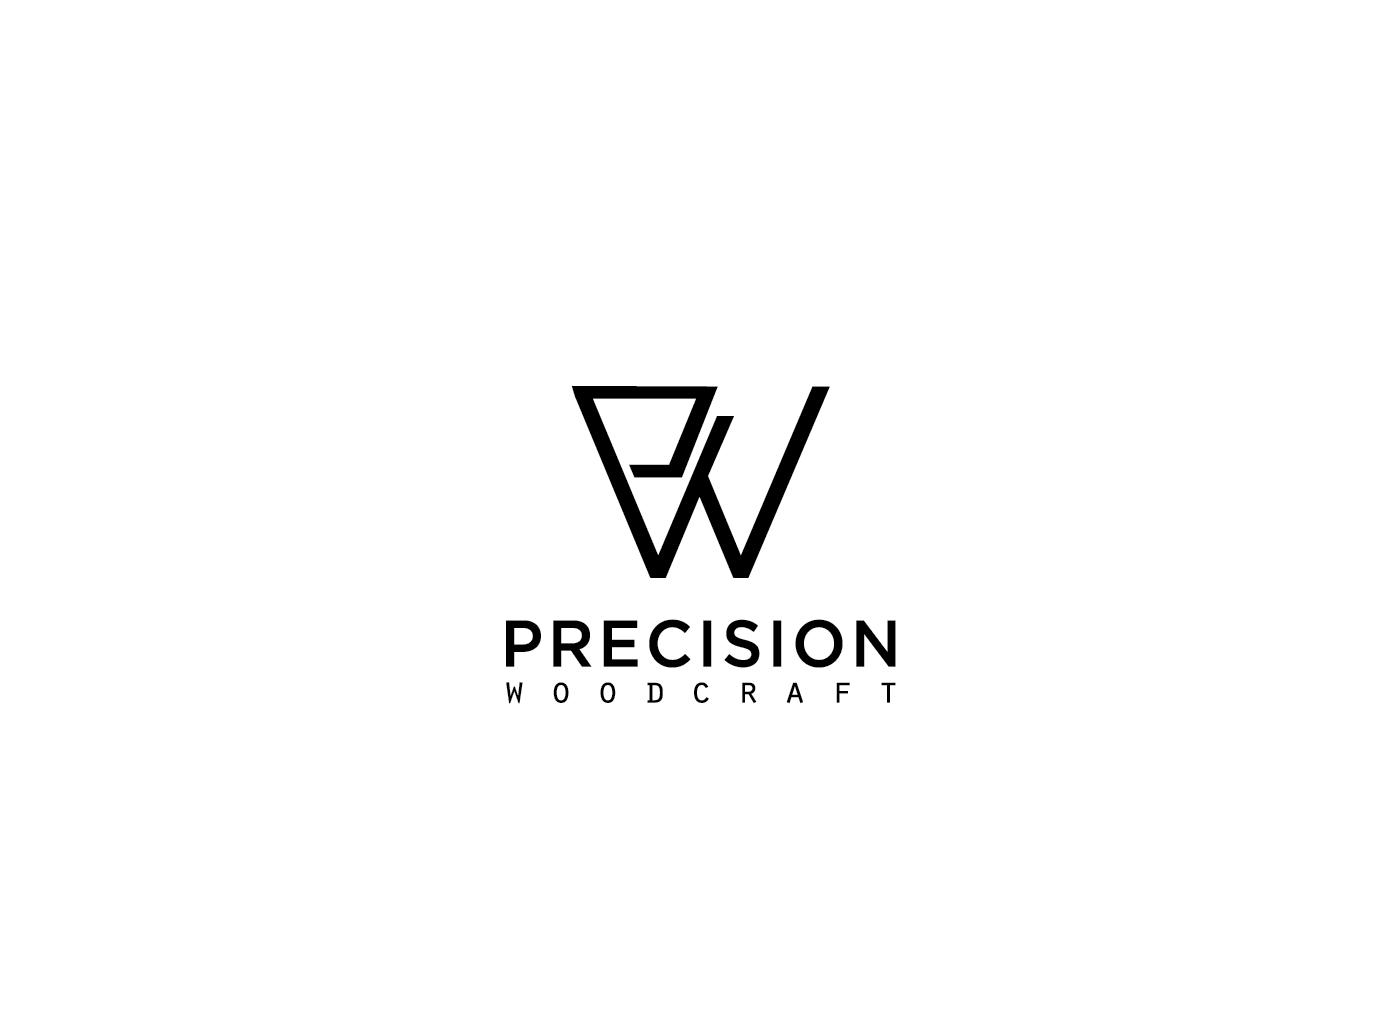 Upmarket Professional It Company Logo Design For Precision